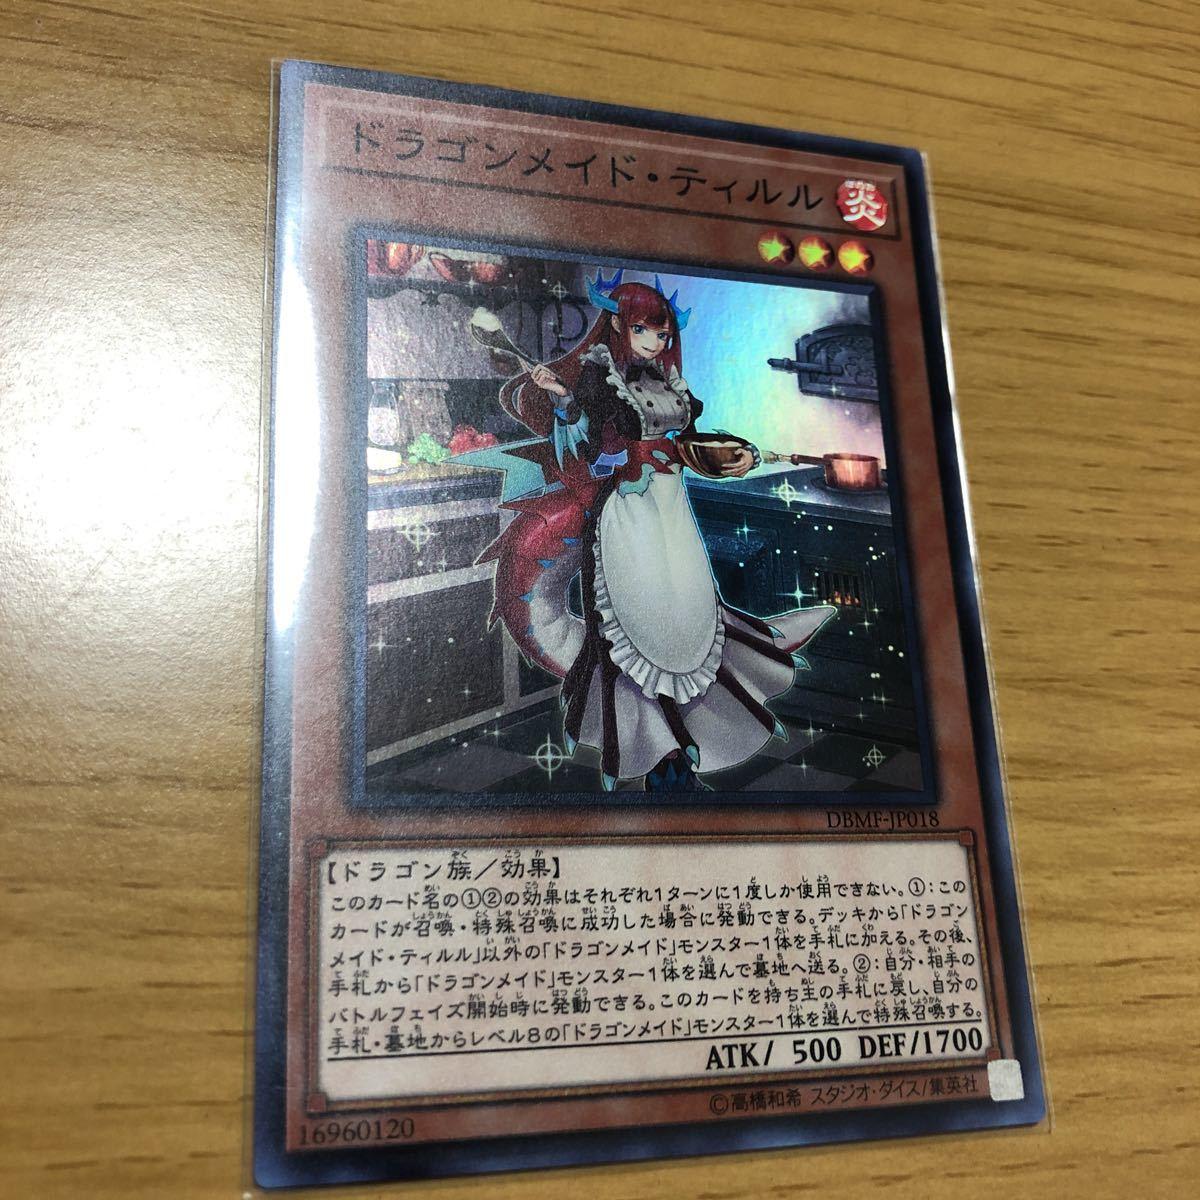 遊戯王 DBMF ドラゴンメイド・ティルル スーパーレア 1枚 数量6 他にも50円スタート開催